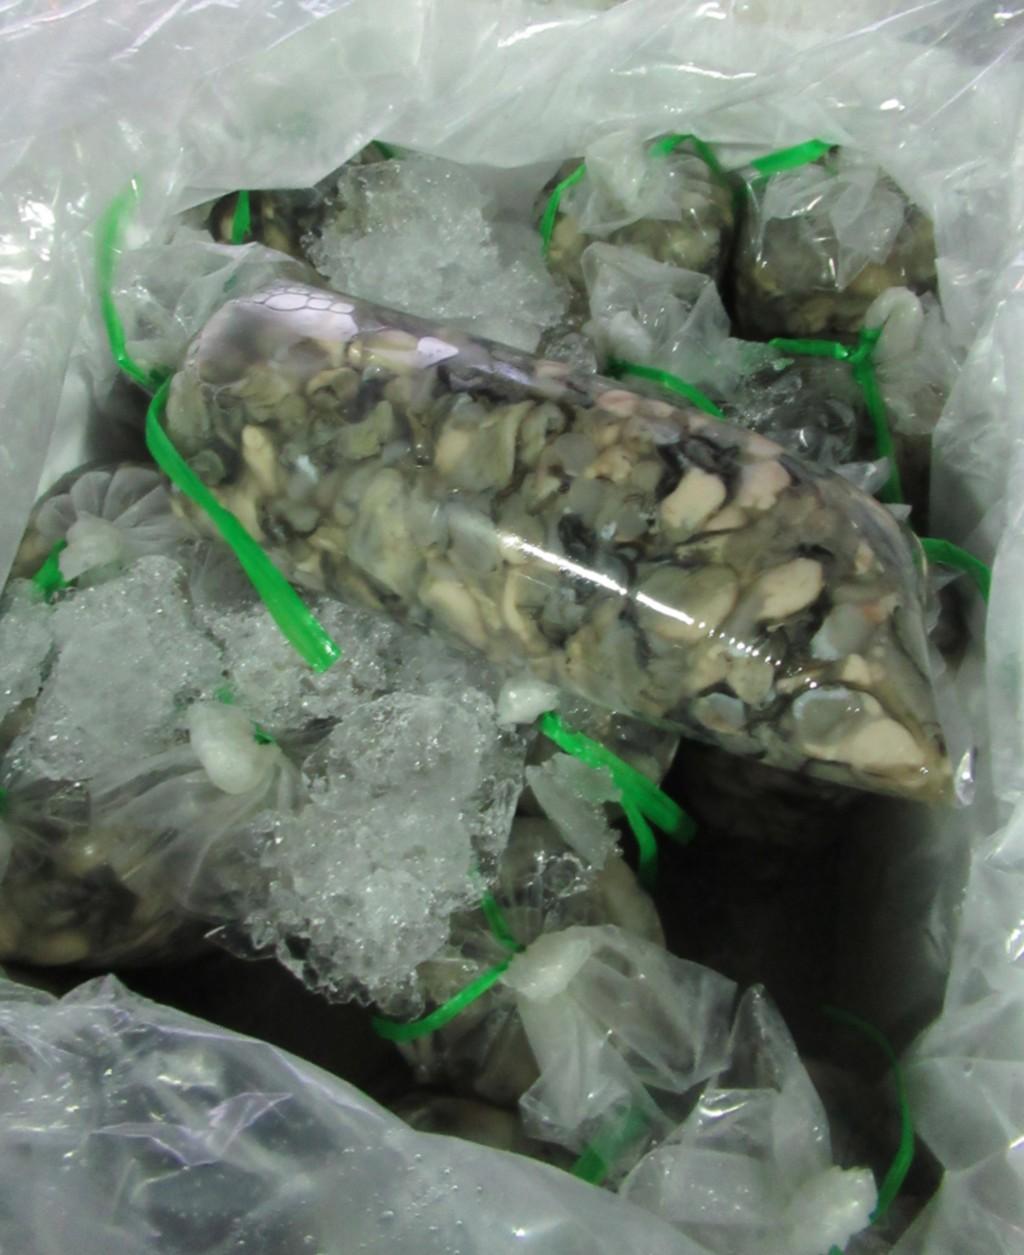 根據食藥署最新邊境查驗違規名單,多達255公斤越南 生蚵肉被驗出諾羅病毒,另有270公斤驗出A型肝炎病毒 ,違規產品通通遭退運銷毀。...